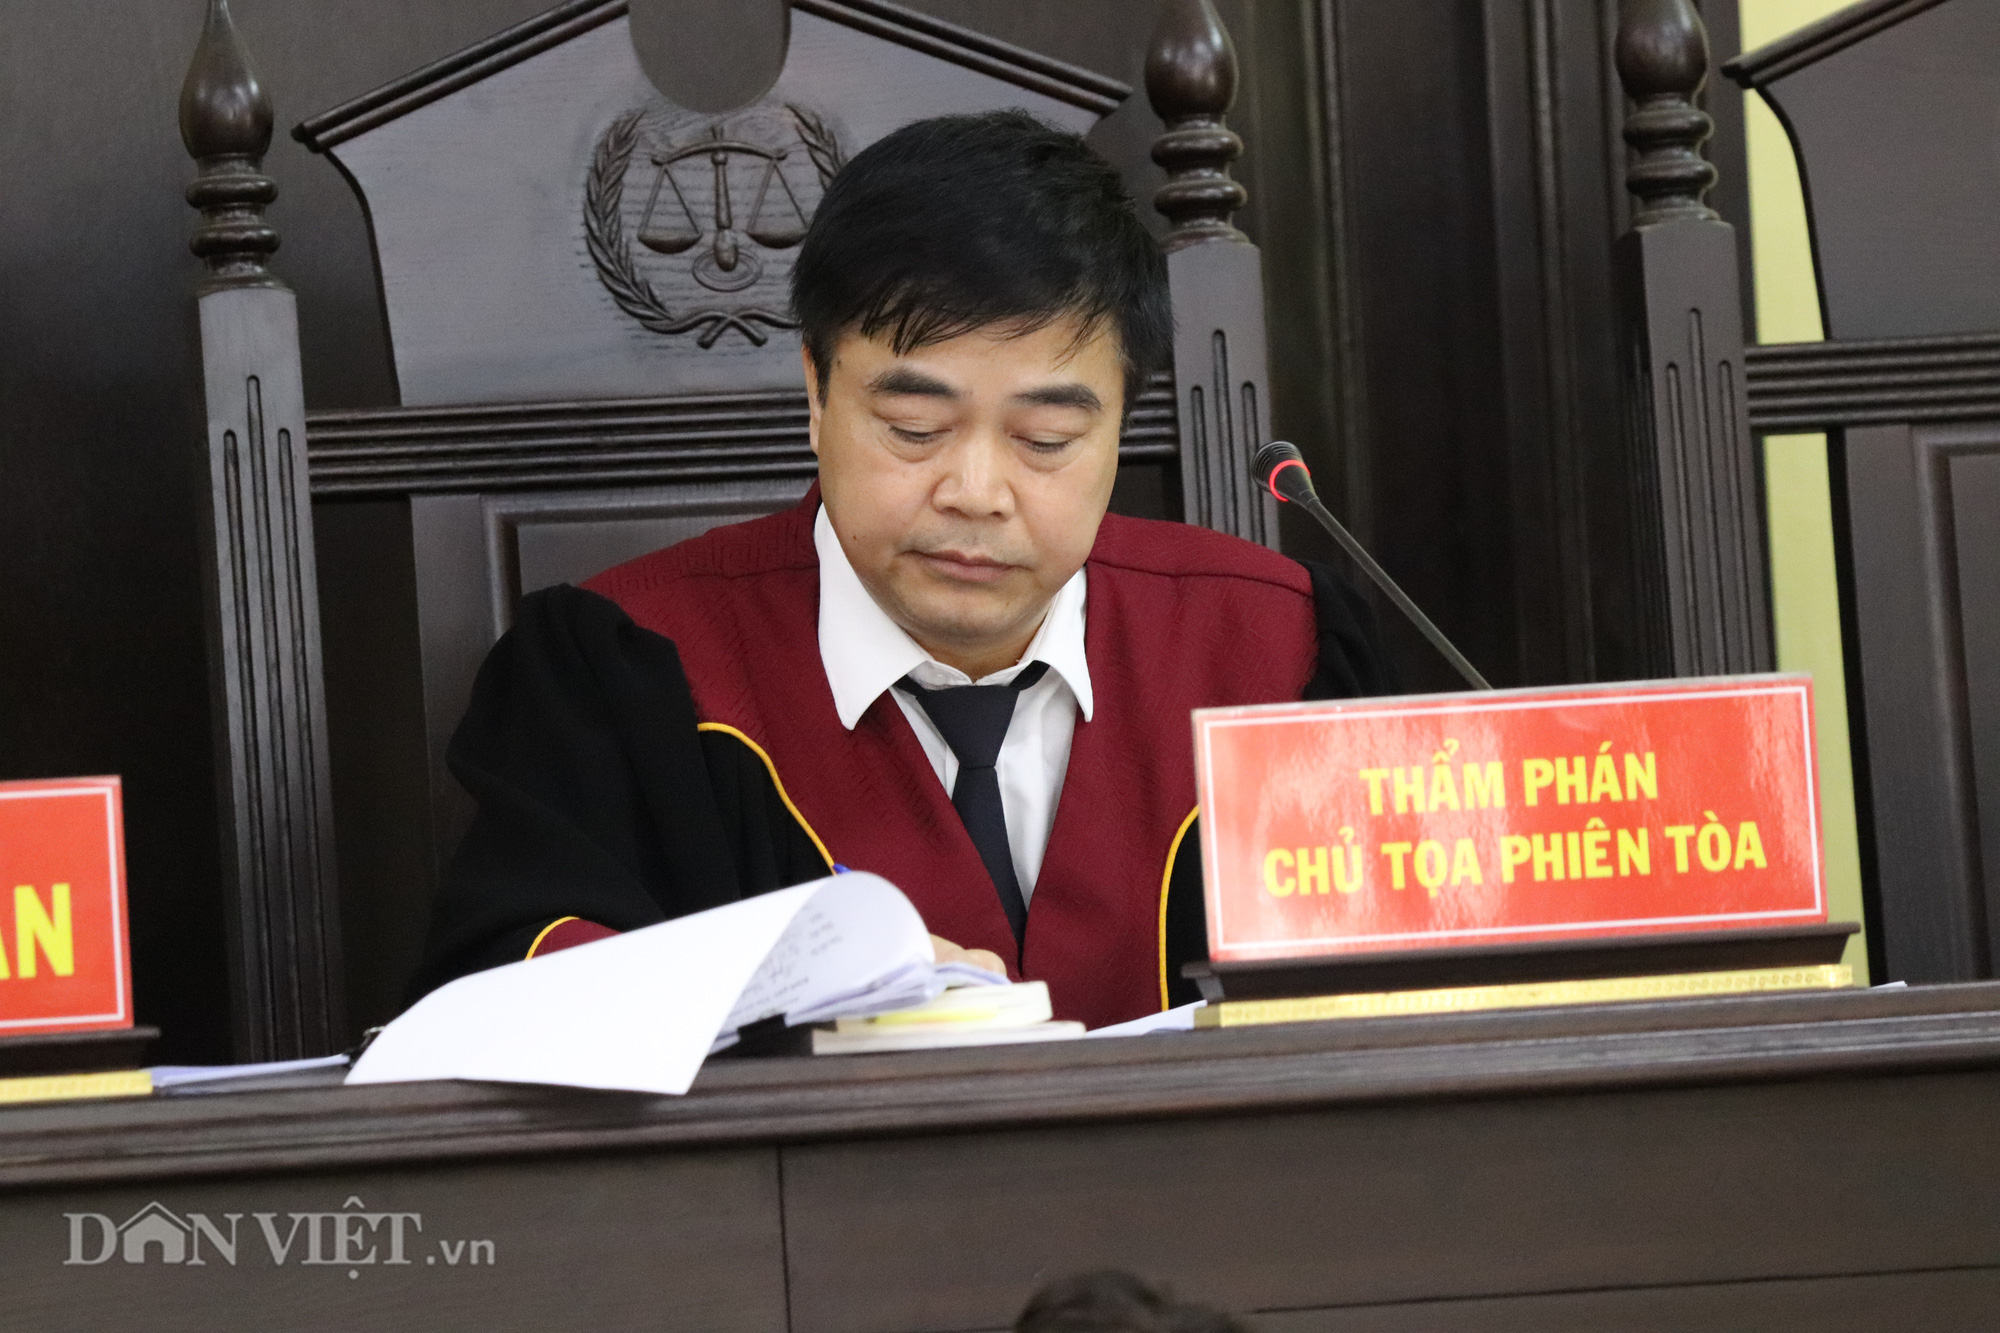 Bị cáo Trần Xuân Yến phủ nhận lời khai của của cấp dưới - Ảnh 2.